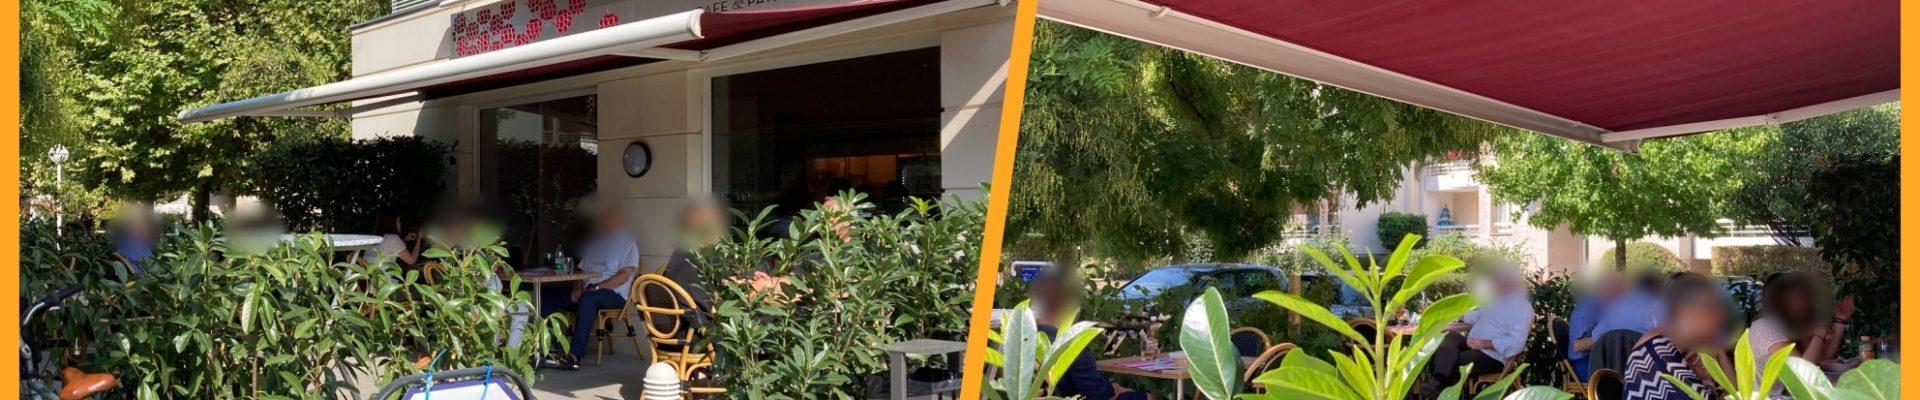 Le Framboisier : la terrasse pour les petites pauses sympas